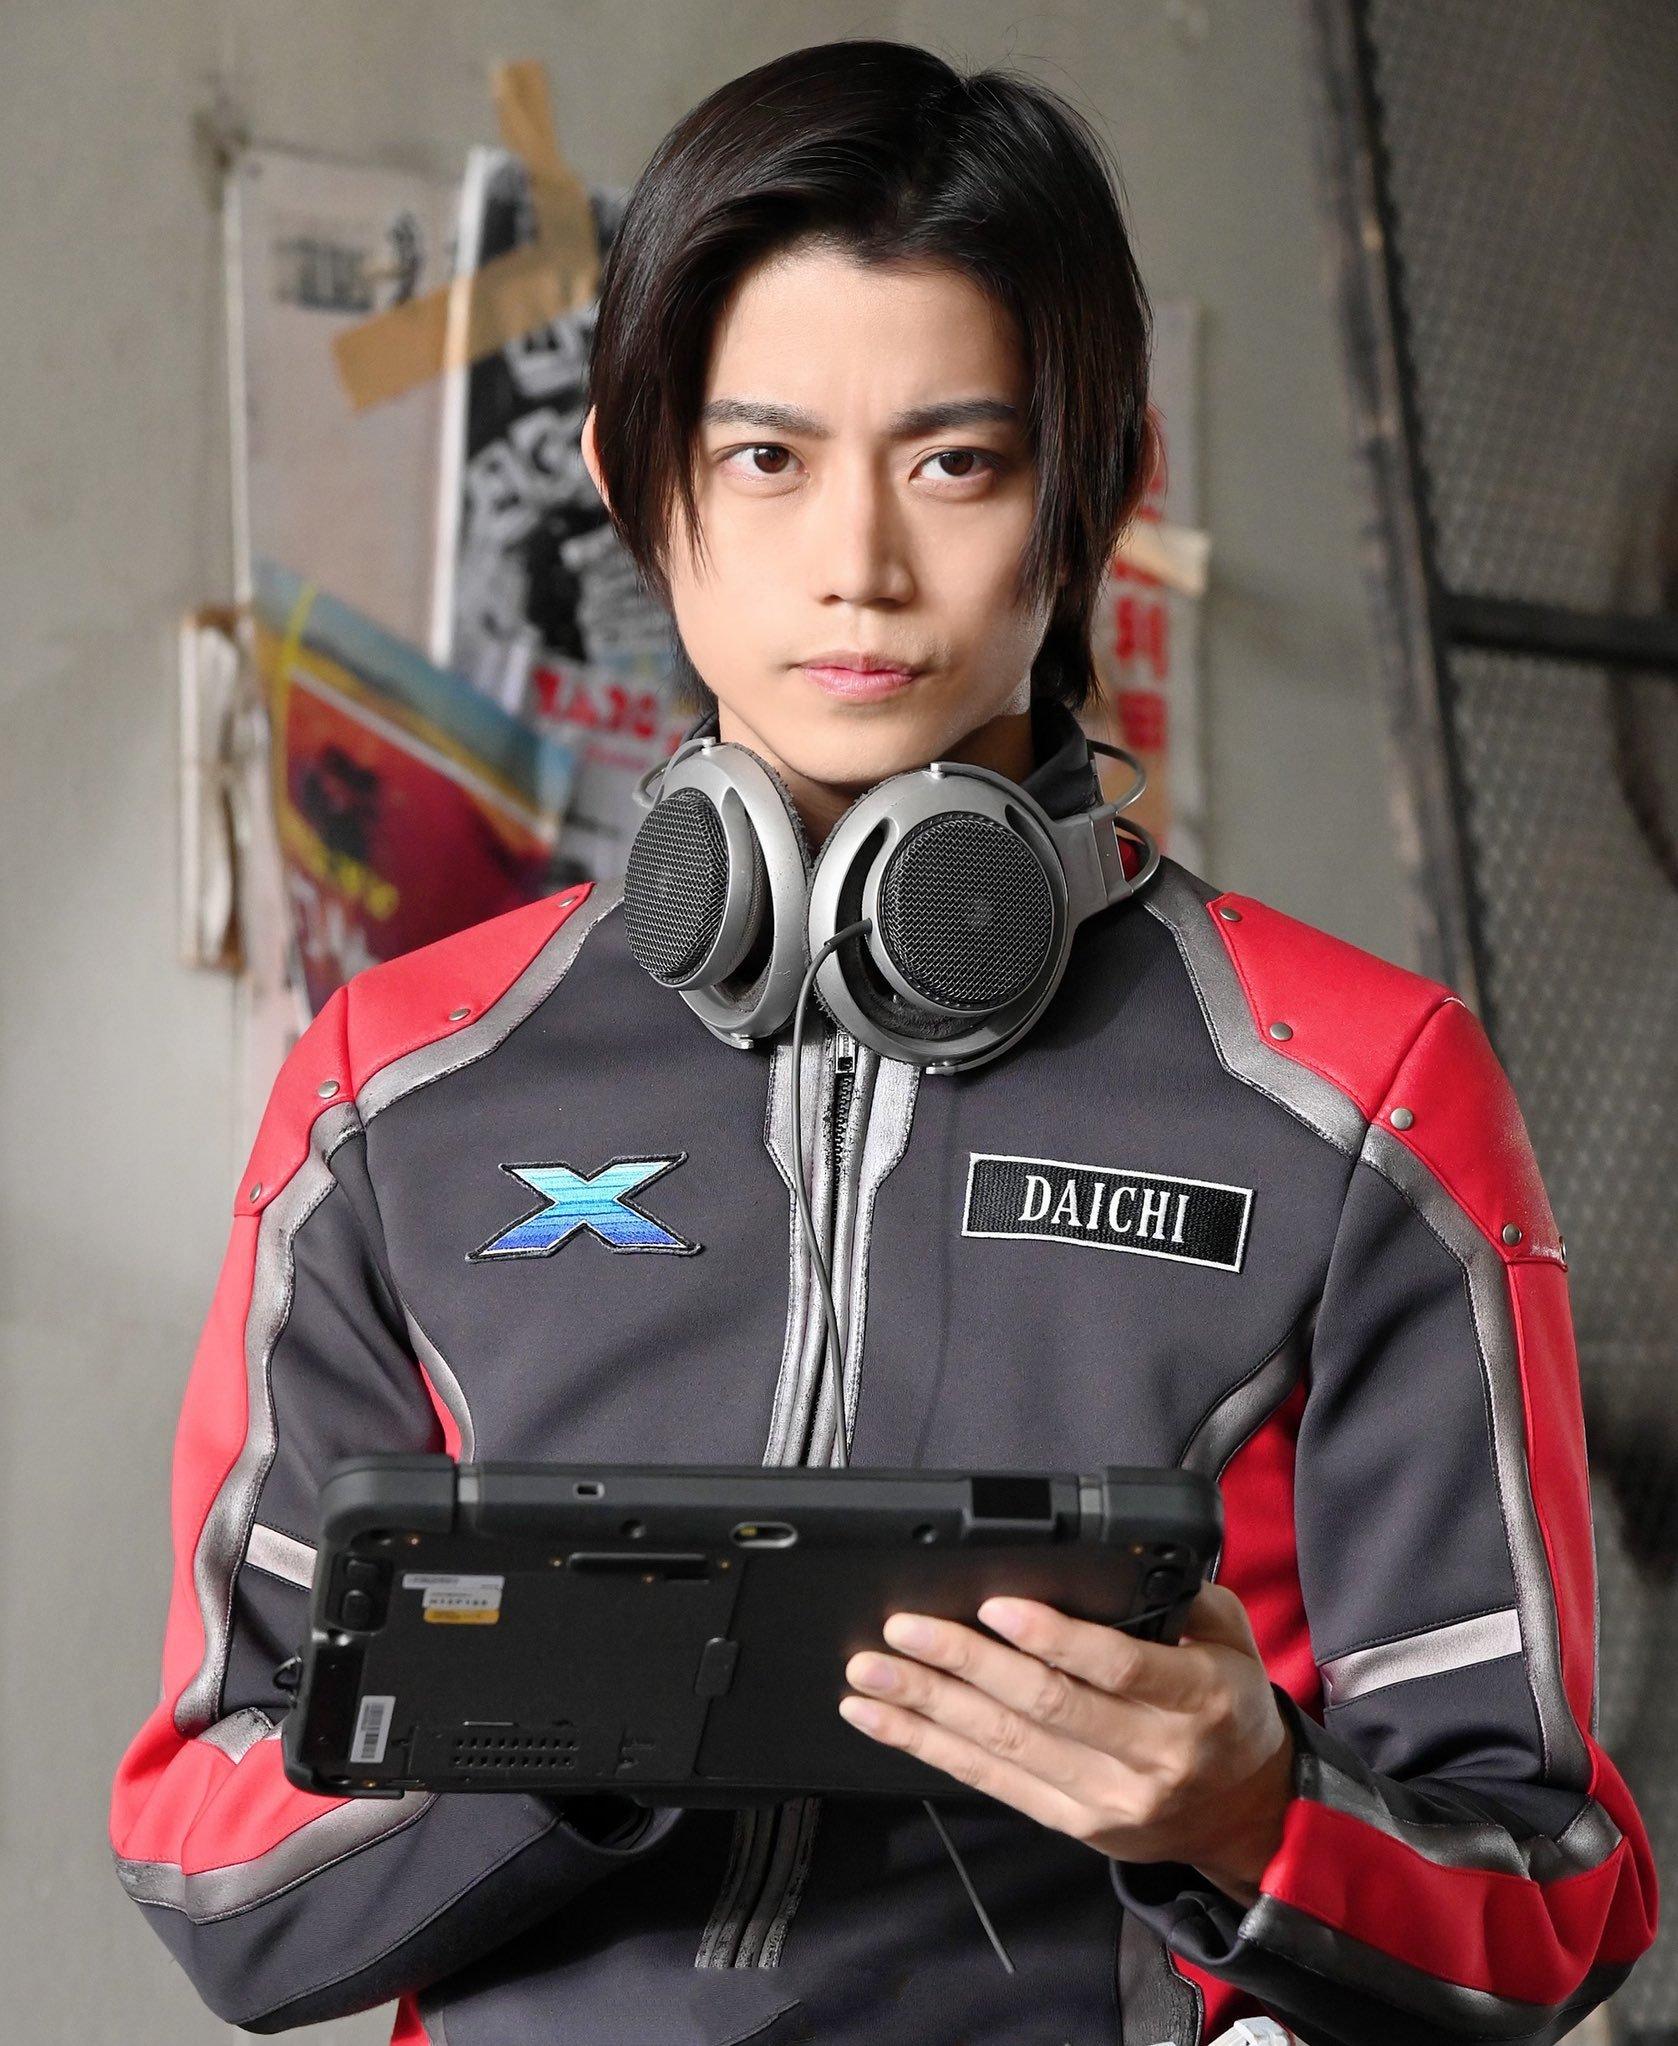 假面骑士:高桥健介自爆曾参与铠武试镜,不过最终落选了,后出演艾克斯的大地-小柚妹站